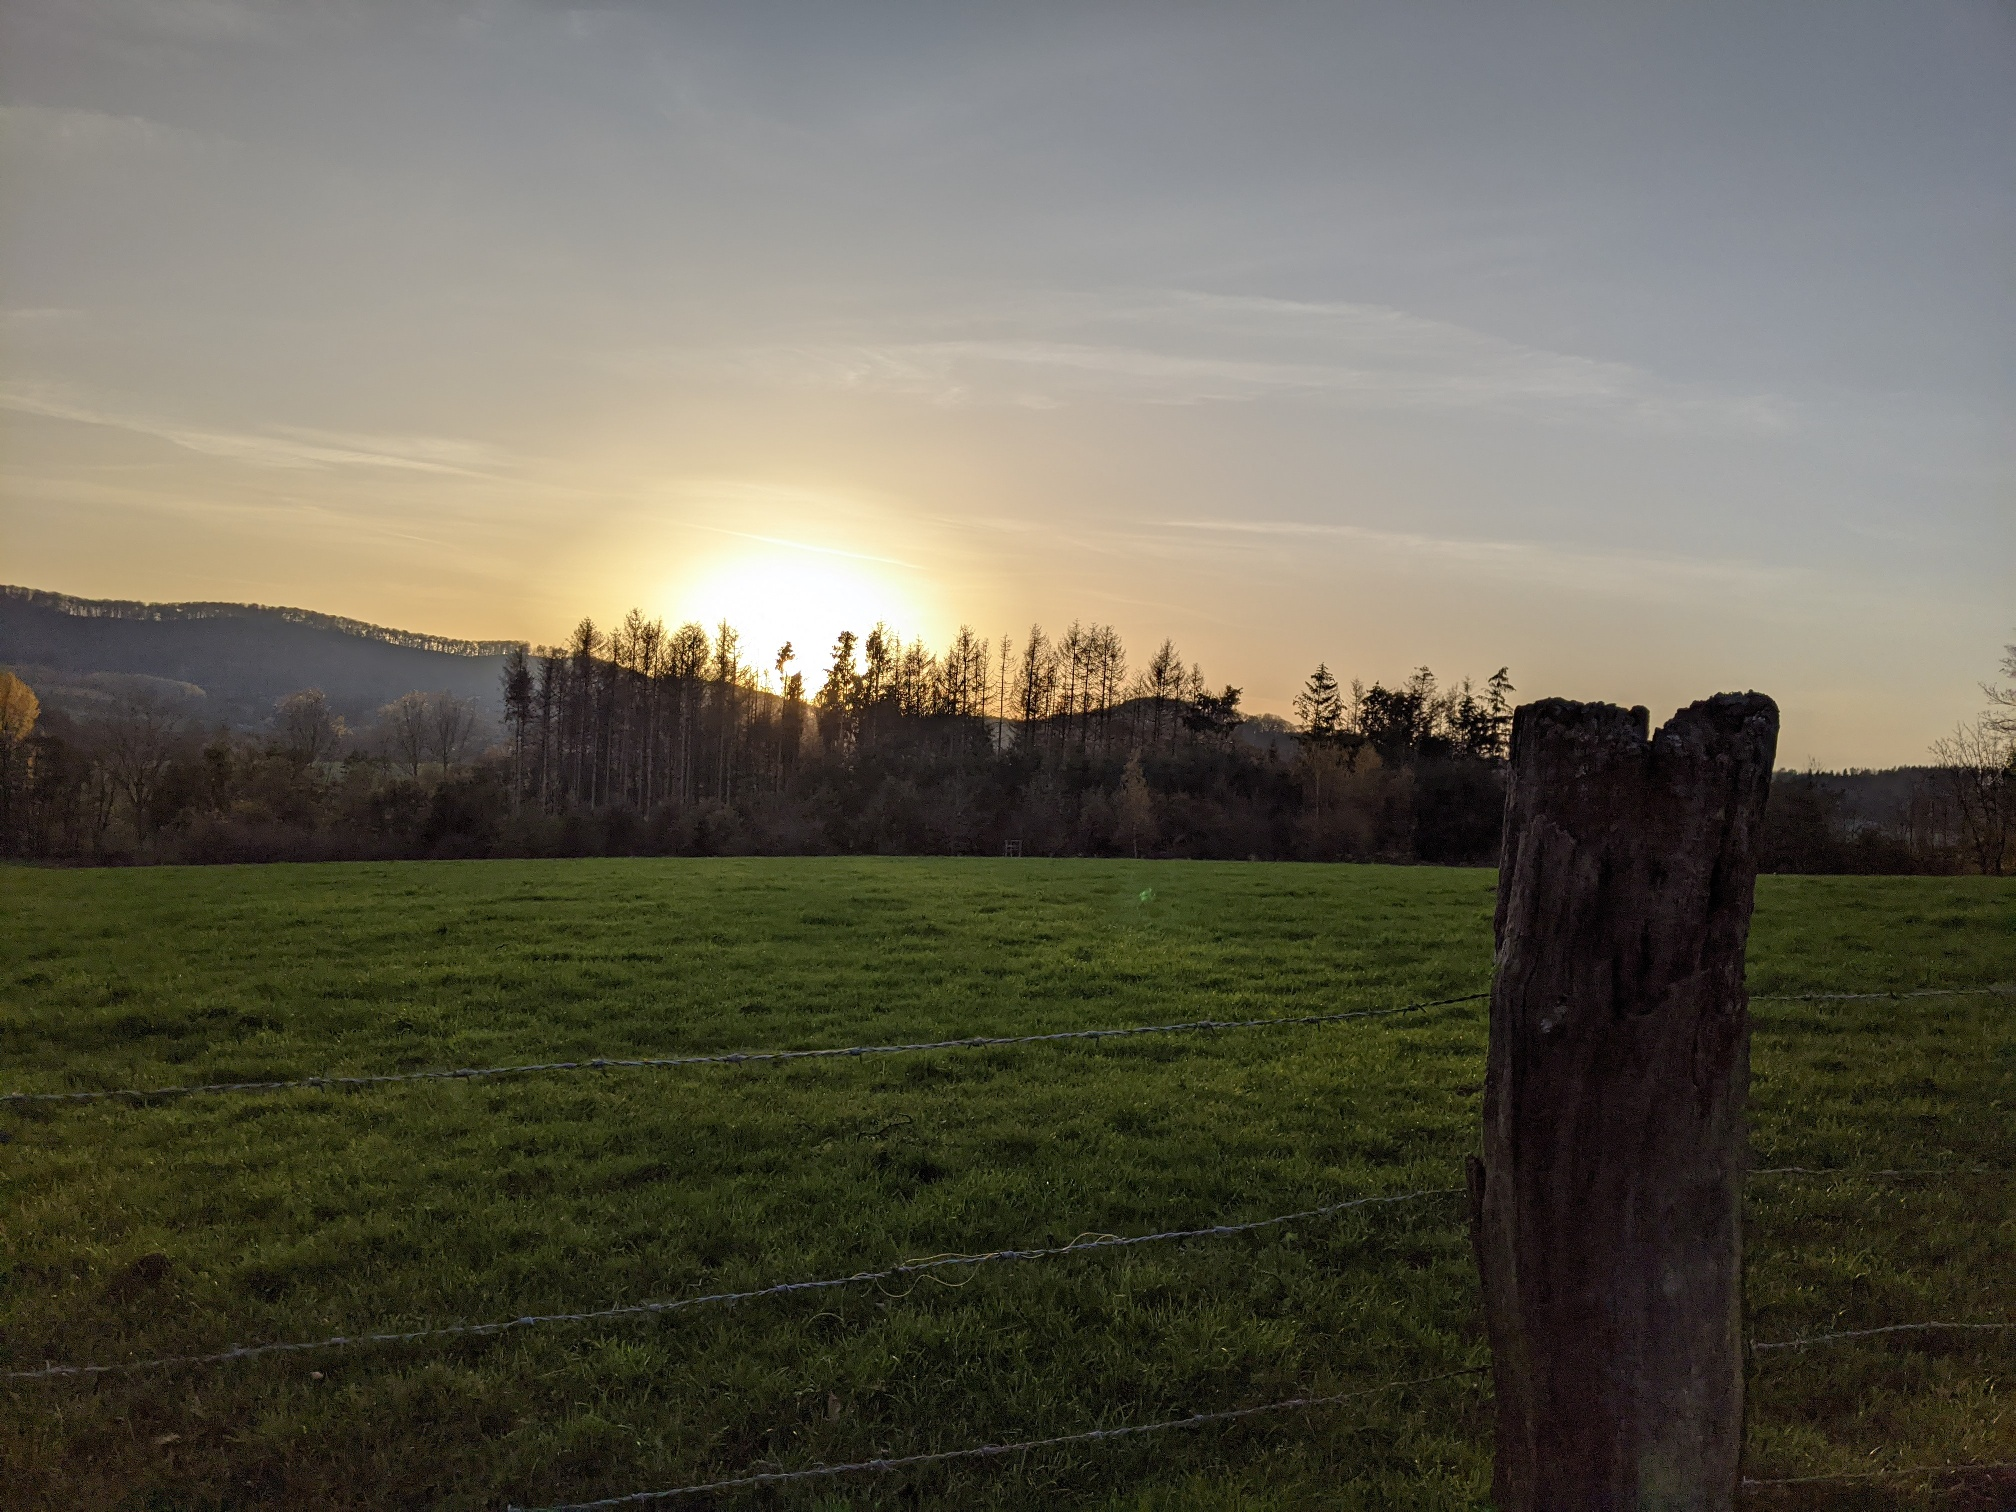 Sonnenuntergang entlang des Weges im Herbst